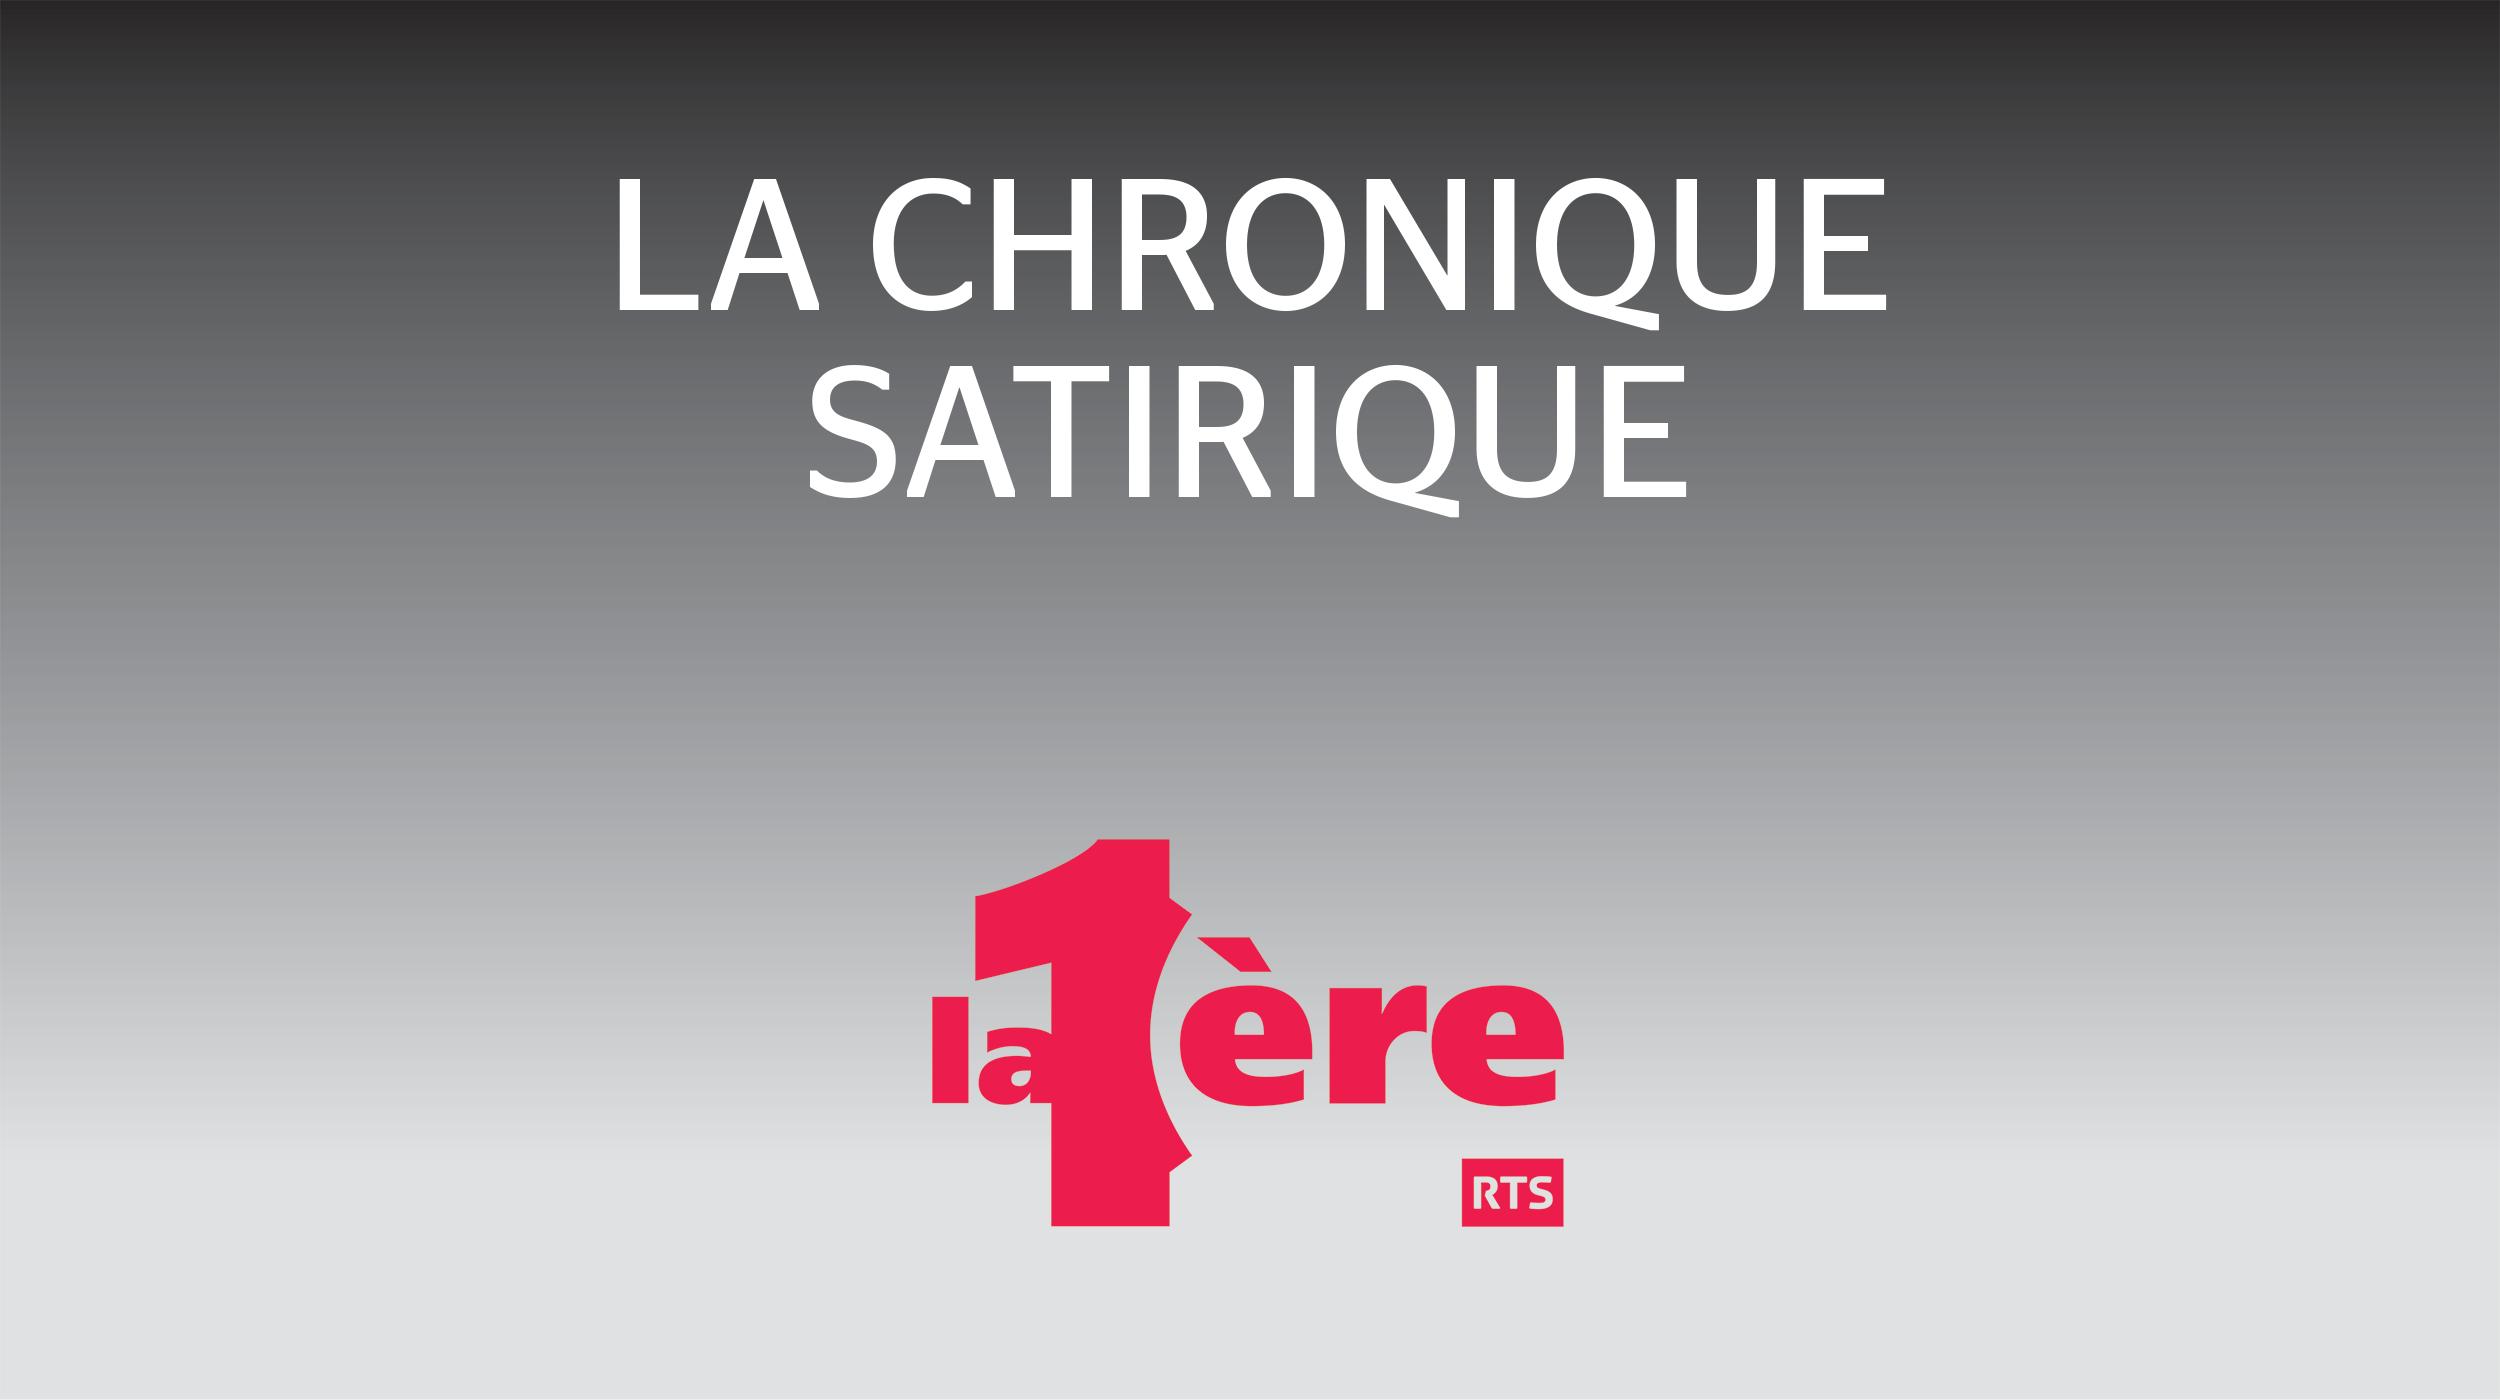 Logo La chronique satirique [RTS]